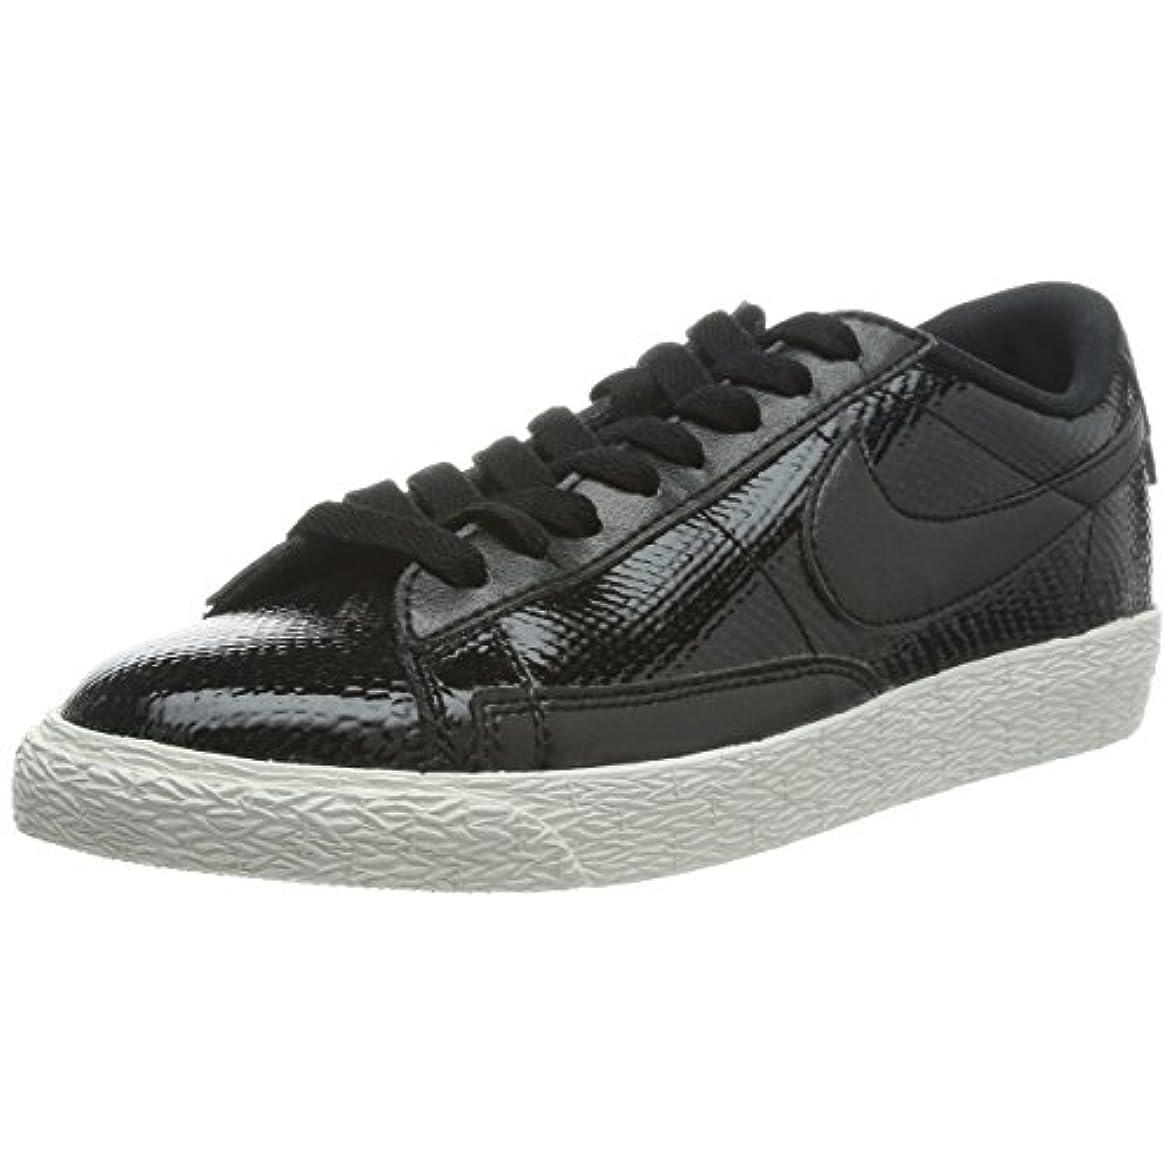 Nike W Blazer Low Ltr Prm Scarpe Sportive Da Donna